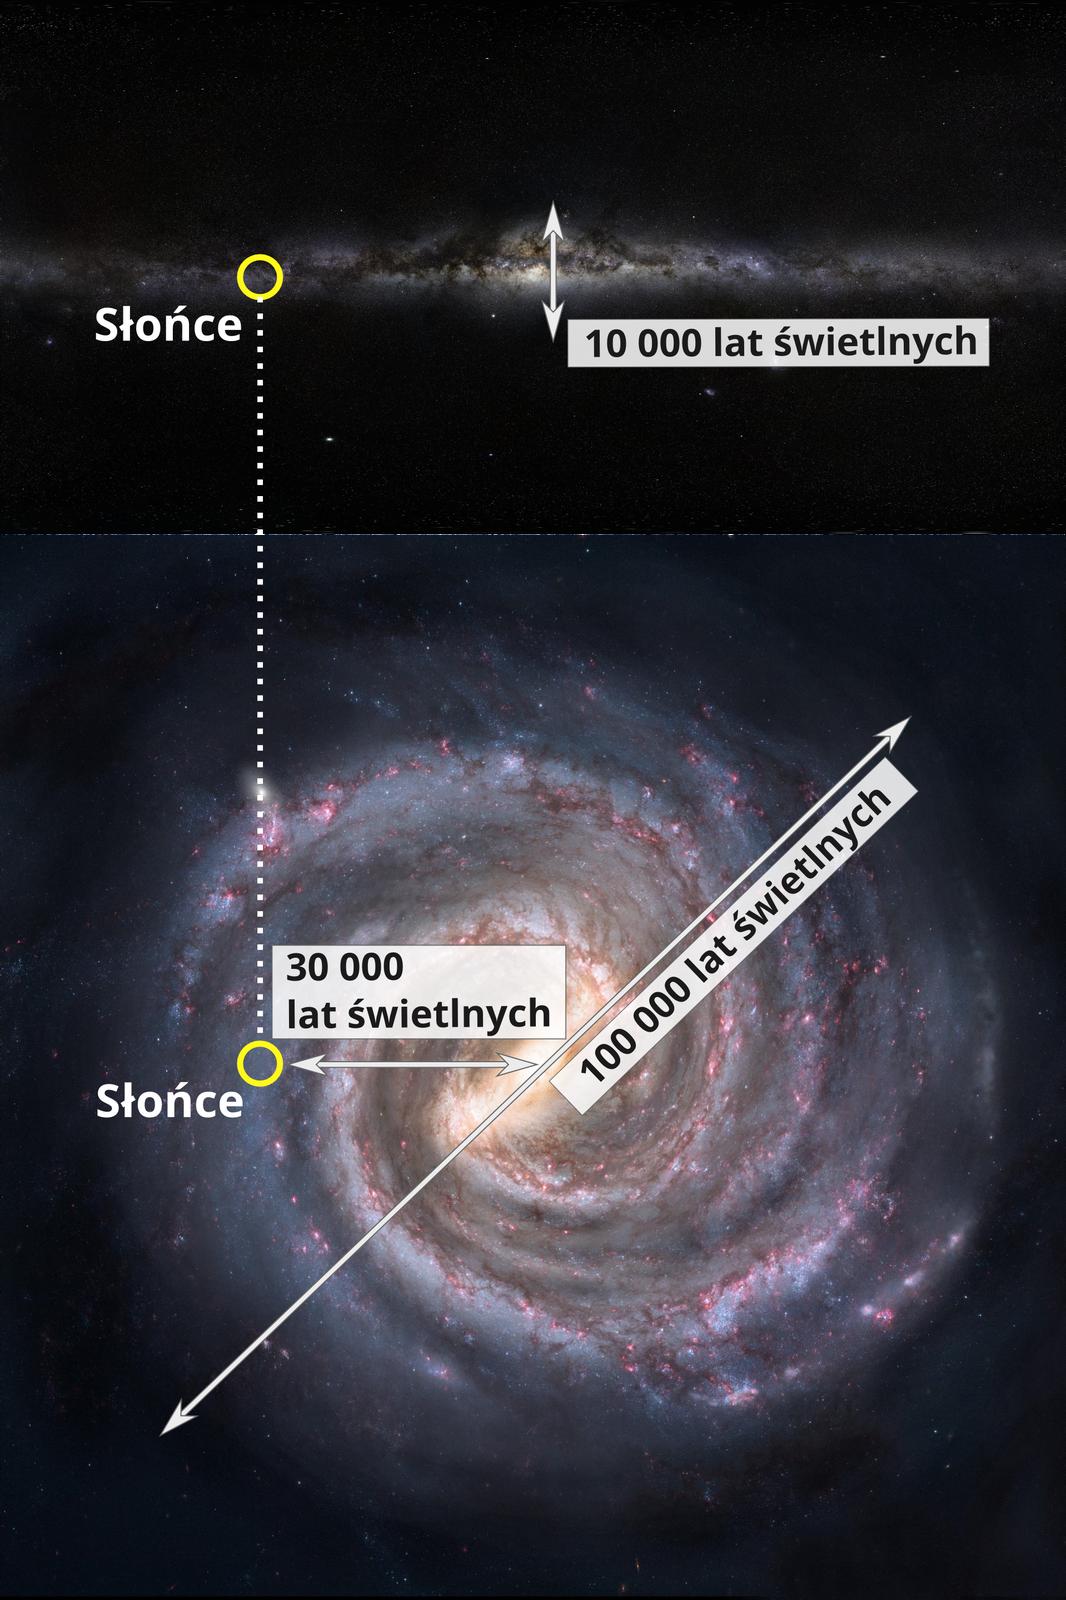 Ilustracja przedstawia Drogę Mleczną. Górna część ilustracji to poziomo przedstawiona smuga świetlna. Jest to widziana zboku Droga Mleczna. Wnajjaśniejszym punkcie zdjęcia widnieje biała pionowa strzałka zgrotami na obu końcach. Strzałka wskazuje grubość galaktyki. Poniżej opis: dziesięć tysięcy lat świetlnych. Na lewo od strzałki zaznaczone jest Słońce. Poniżej opisanego fragmentu ilustracji znajduje się zdjęcie Drogi Mlecznej widzianej zgóry. Świetliste smugi układają się spiralnie. To miliardy gwiazd. Centrum spiralnie układających się smug jest najjaśniejsze. Biała ukośna strzałka zgrotami na obu końcach wskazuje średnicę galaktyki Drogi Mlecznej, czyli sto tysięcy lat świetlnych. Druga strzałka jest krótka ipozioma. Jej groty wskazują odległość Słońca od centrum galaktyki. Powyżej podana jest odległość, czyli trzydzieści tysięcy lat świetlnych.